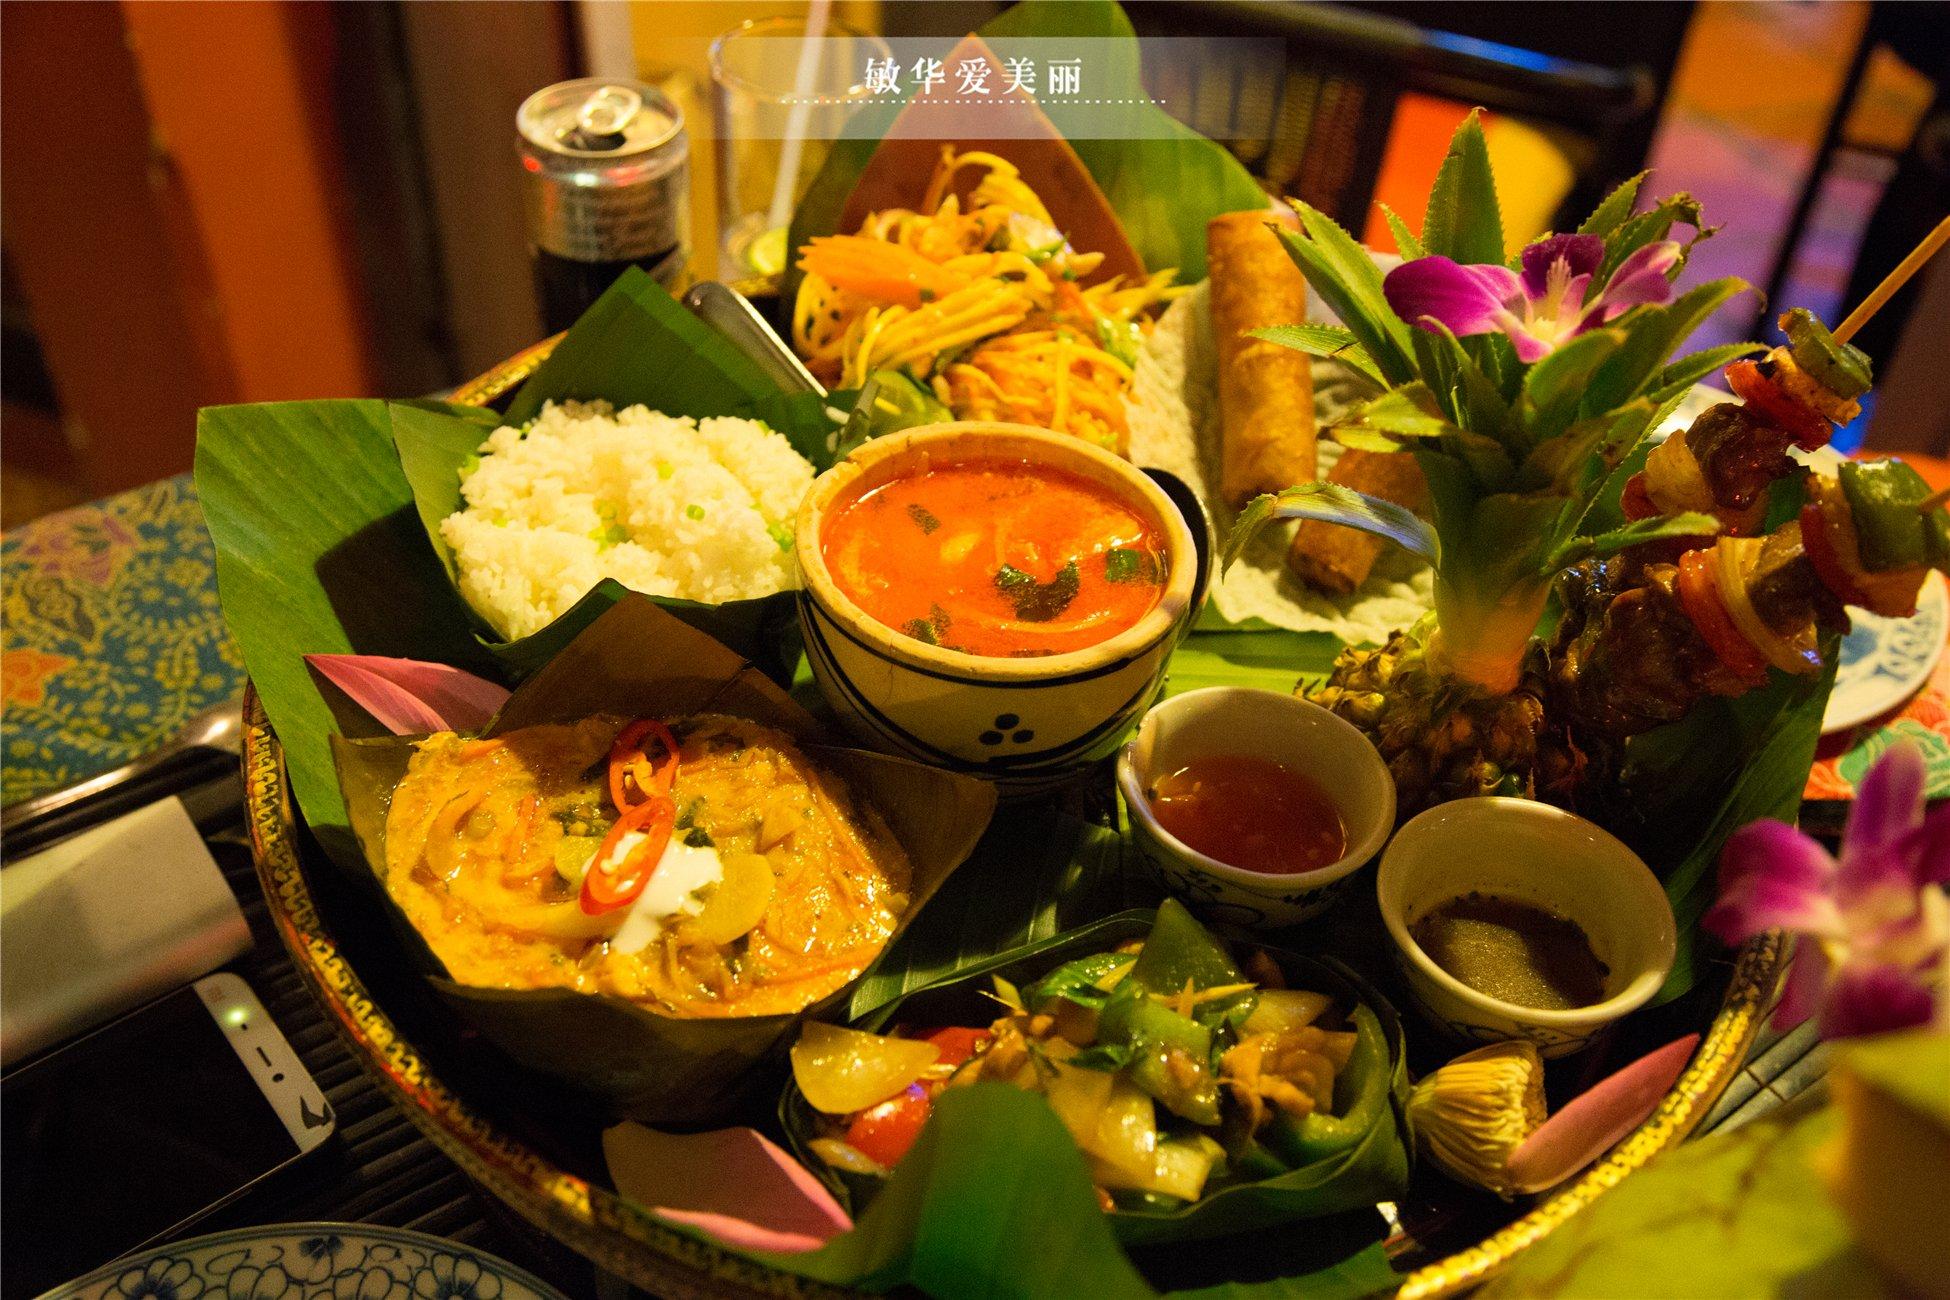 柬埔寨暹粒美食大盘点,要是看完不流口水算你厉害!